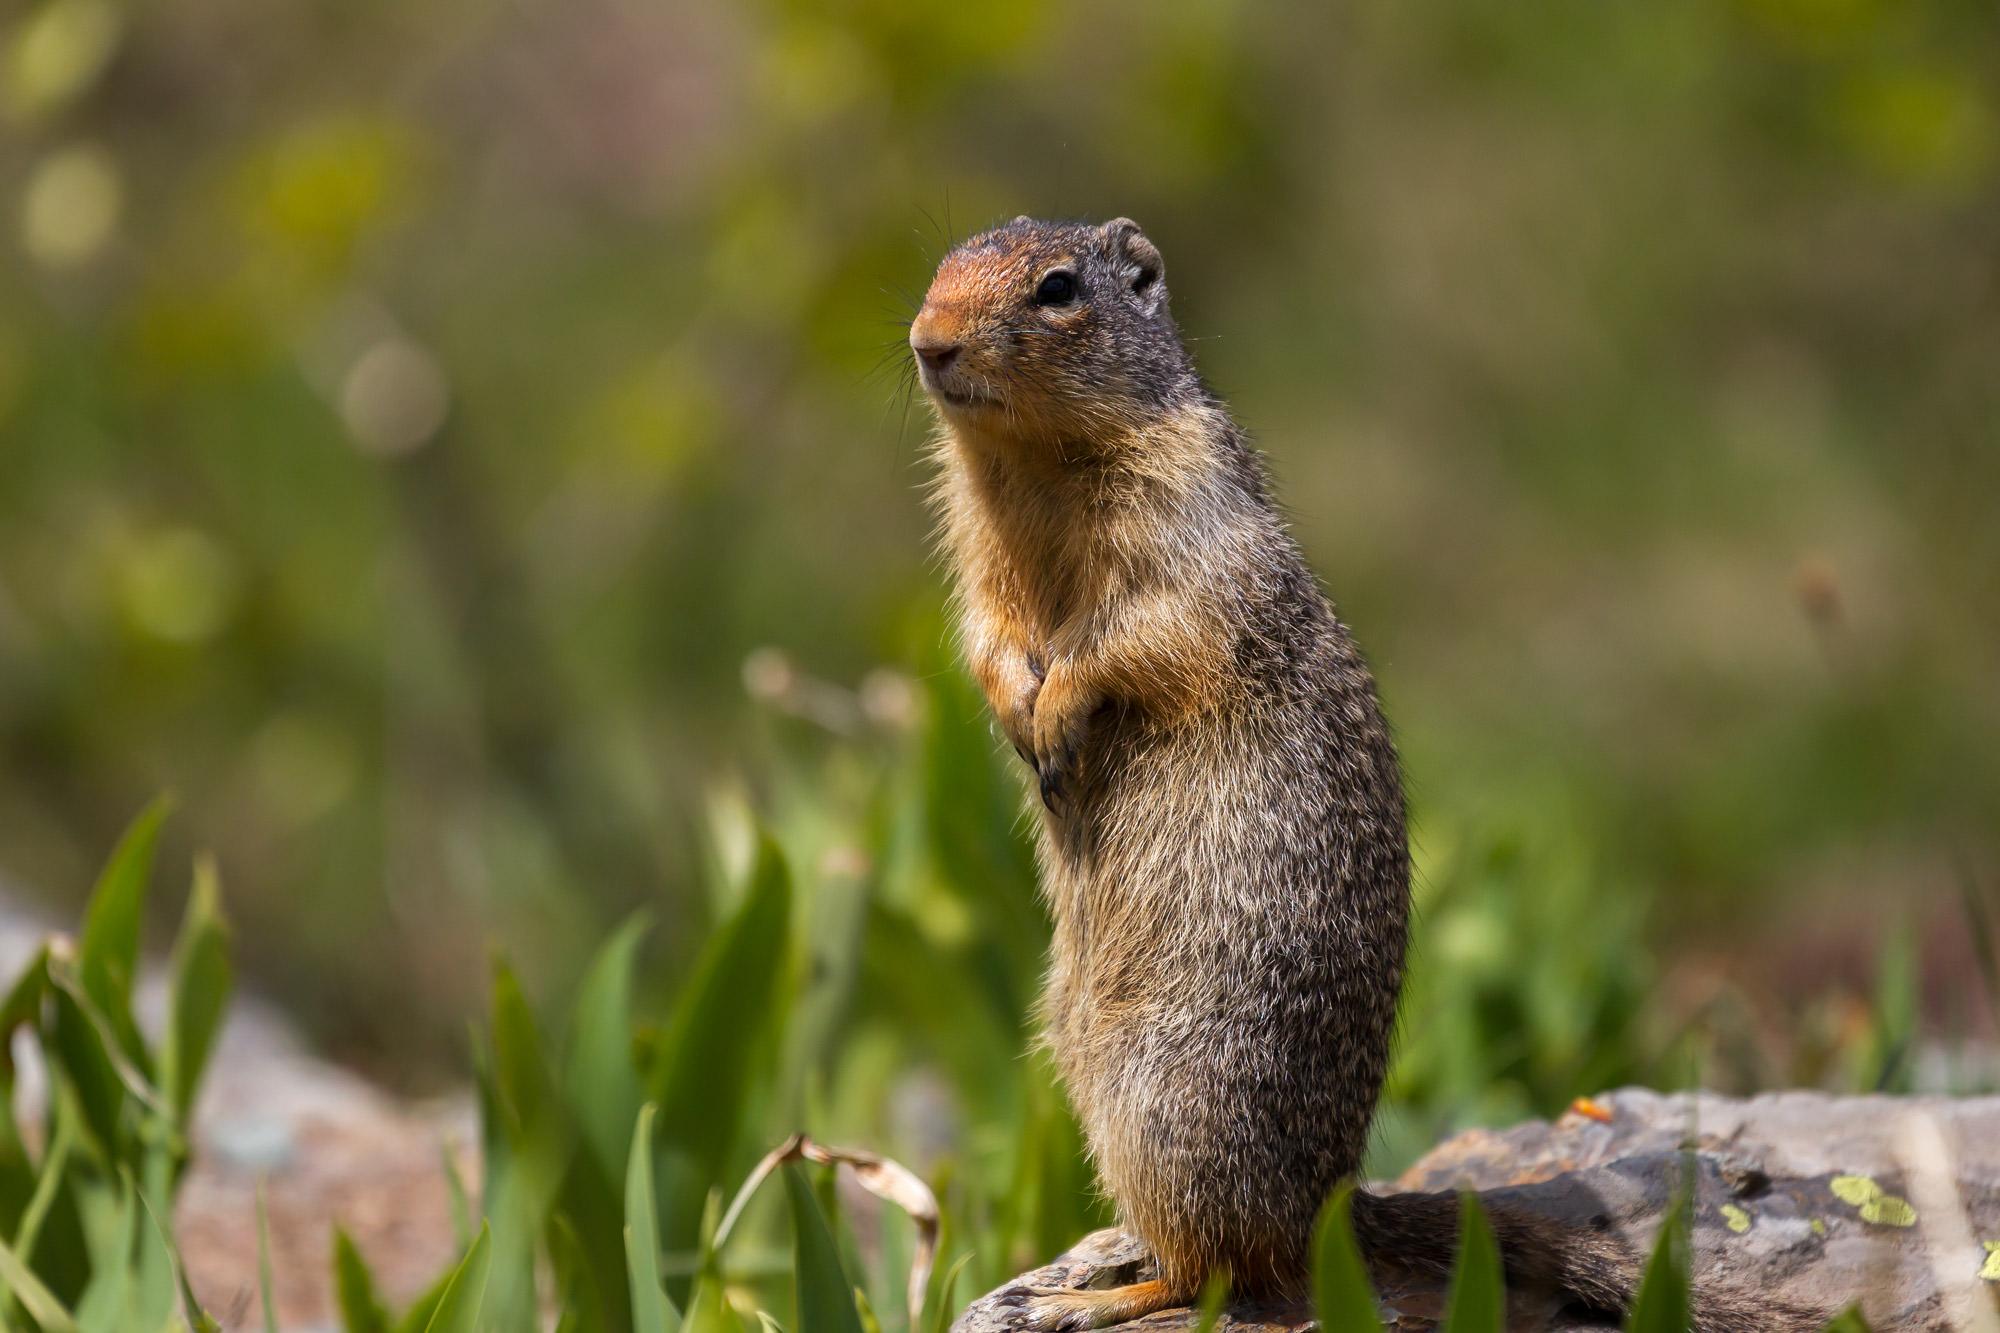 Ground Squirrel, photo